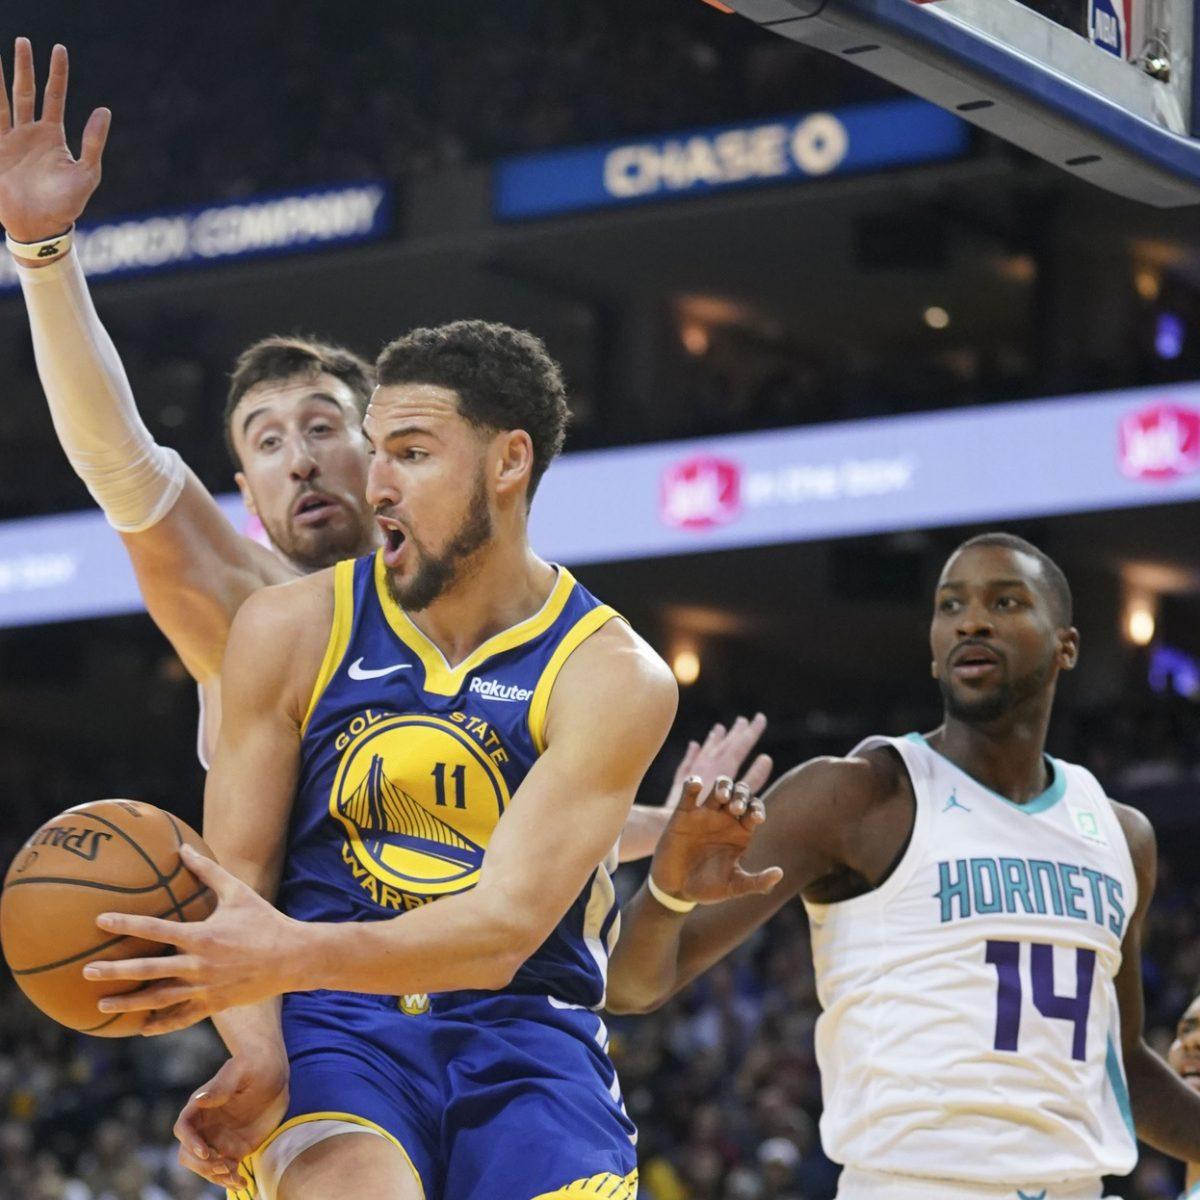 Denver Nuggets Vs Golden State Warriors Game 6 Score: Denver Nuggets Vs. Golden State Warriors Prediction